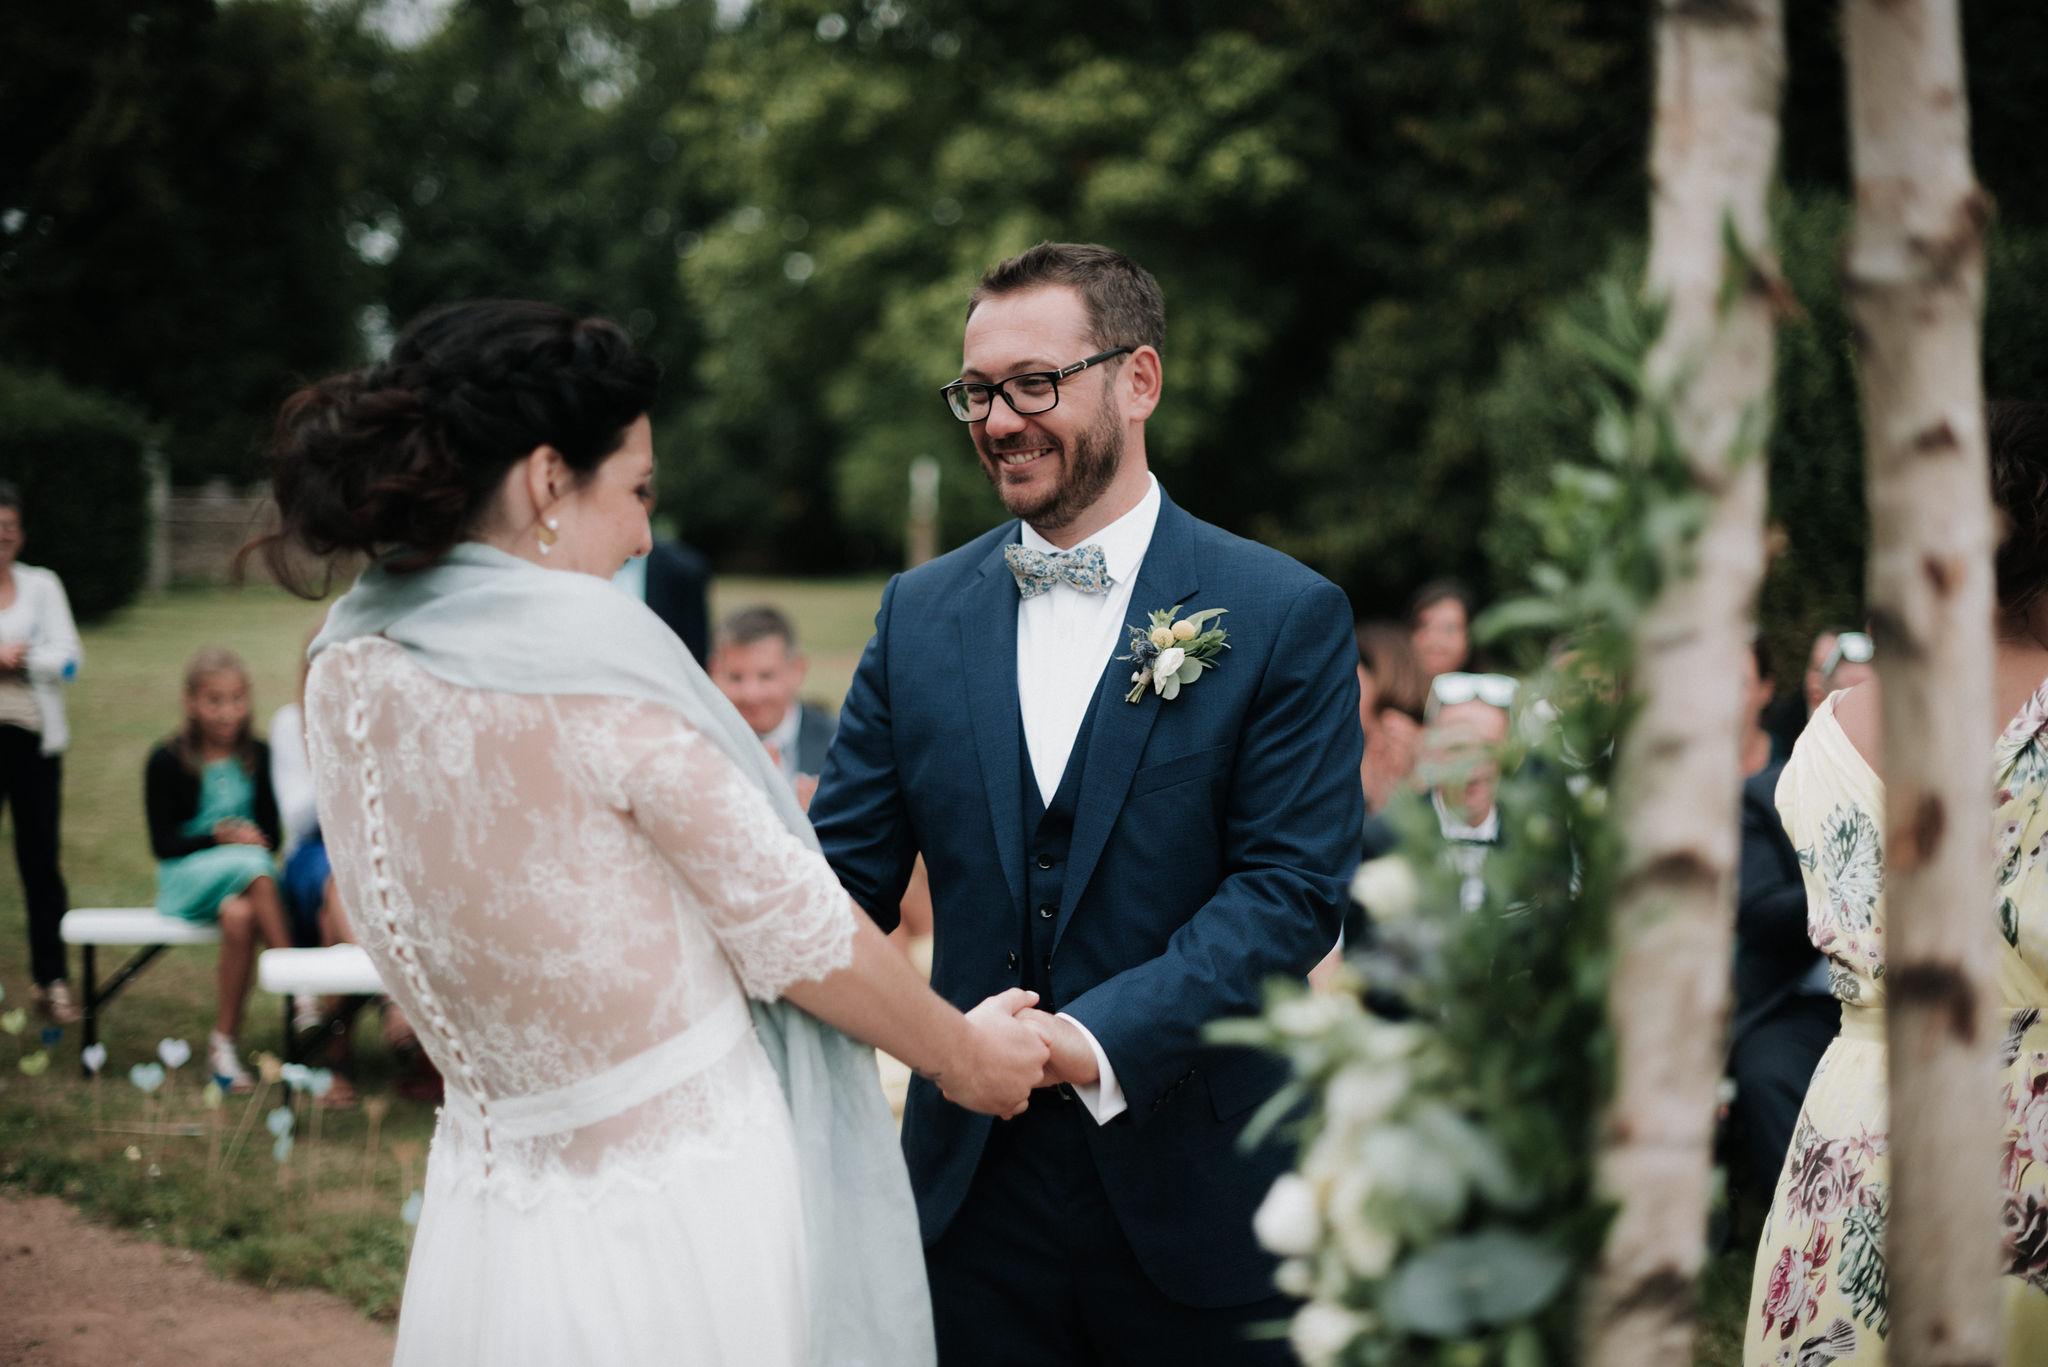 Léa-Fery-photographe-professionnel-lyon-rhone-alpes-portrait-creation-mariage-evenement-evenementiel-famille-7353.jpg